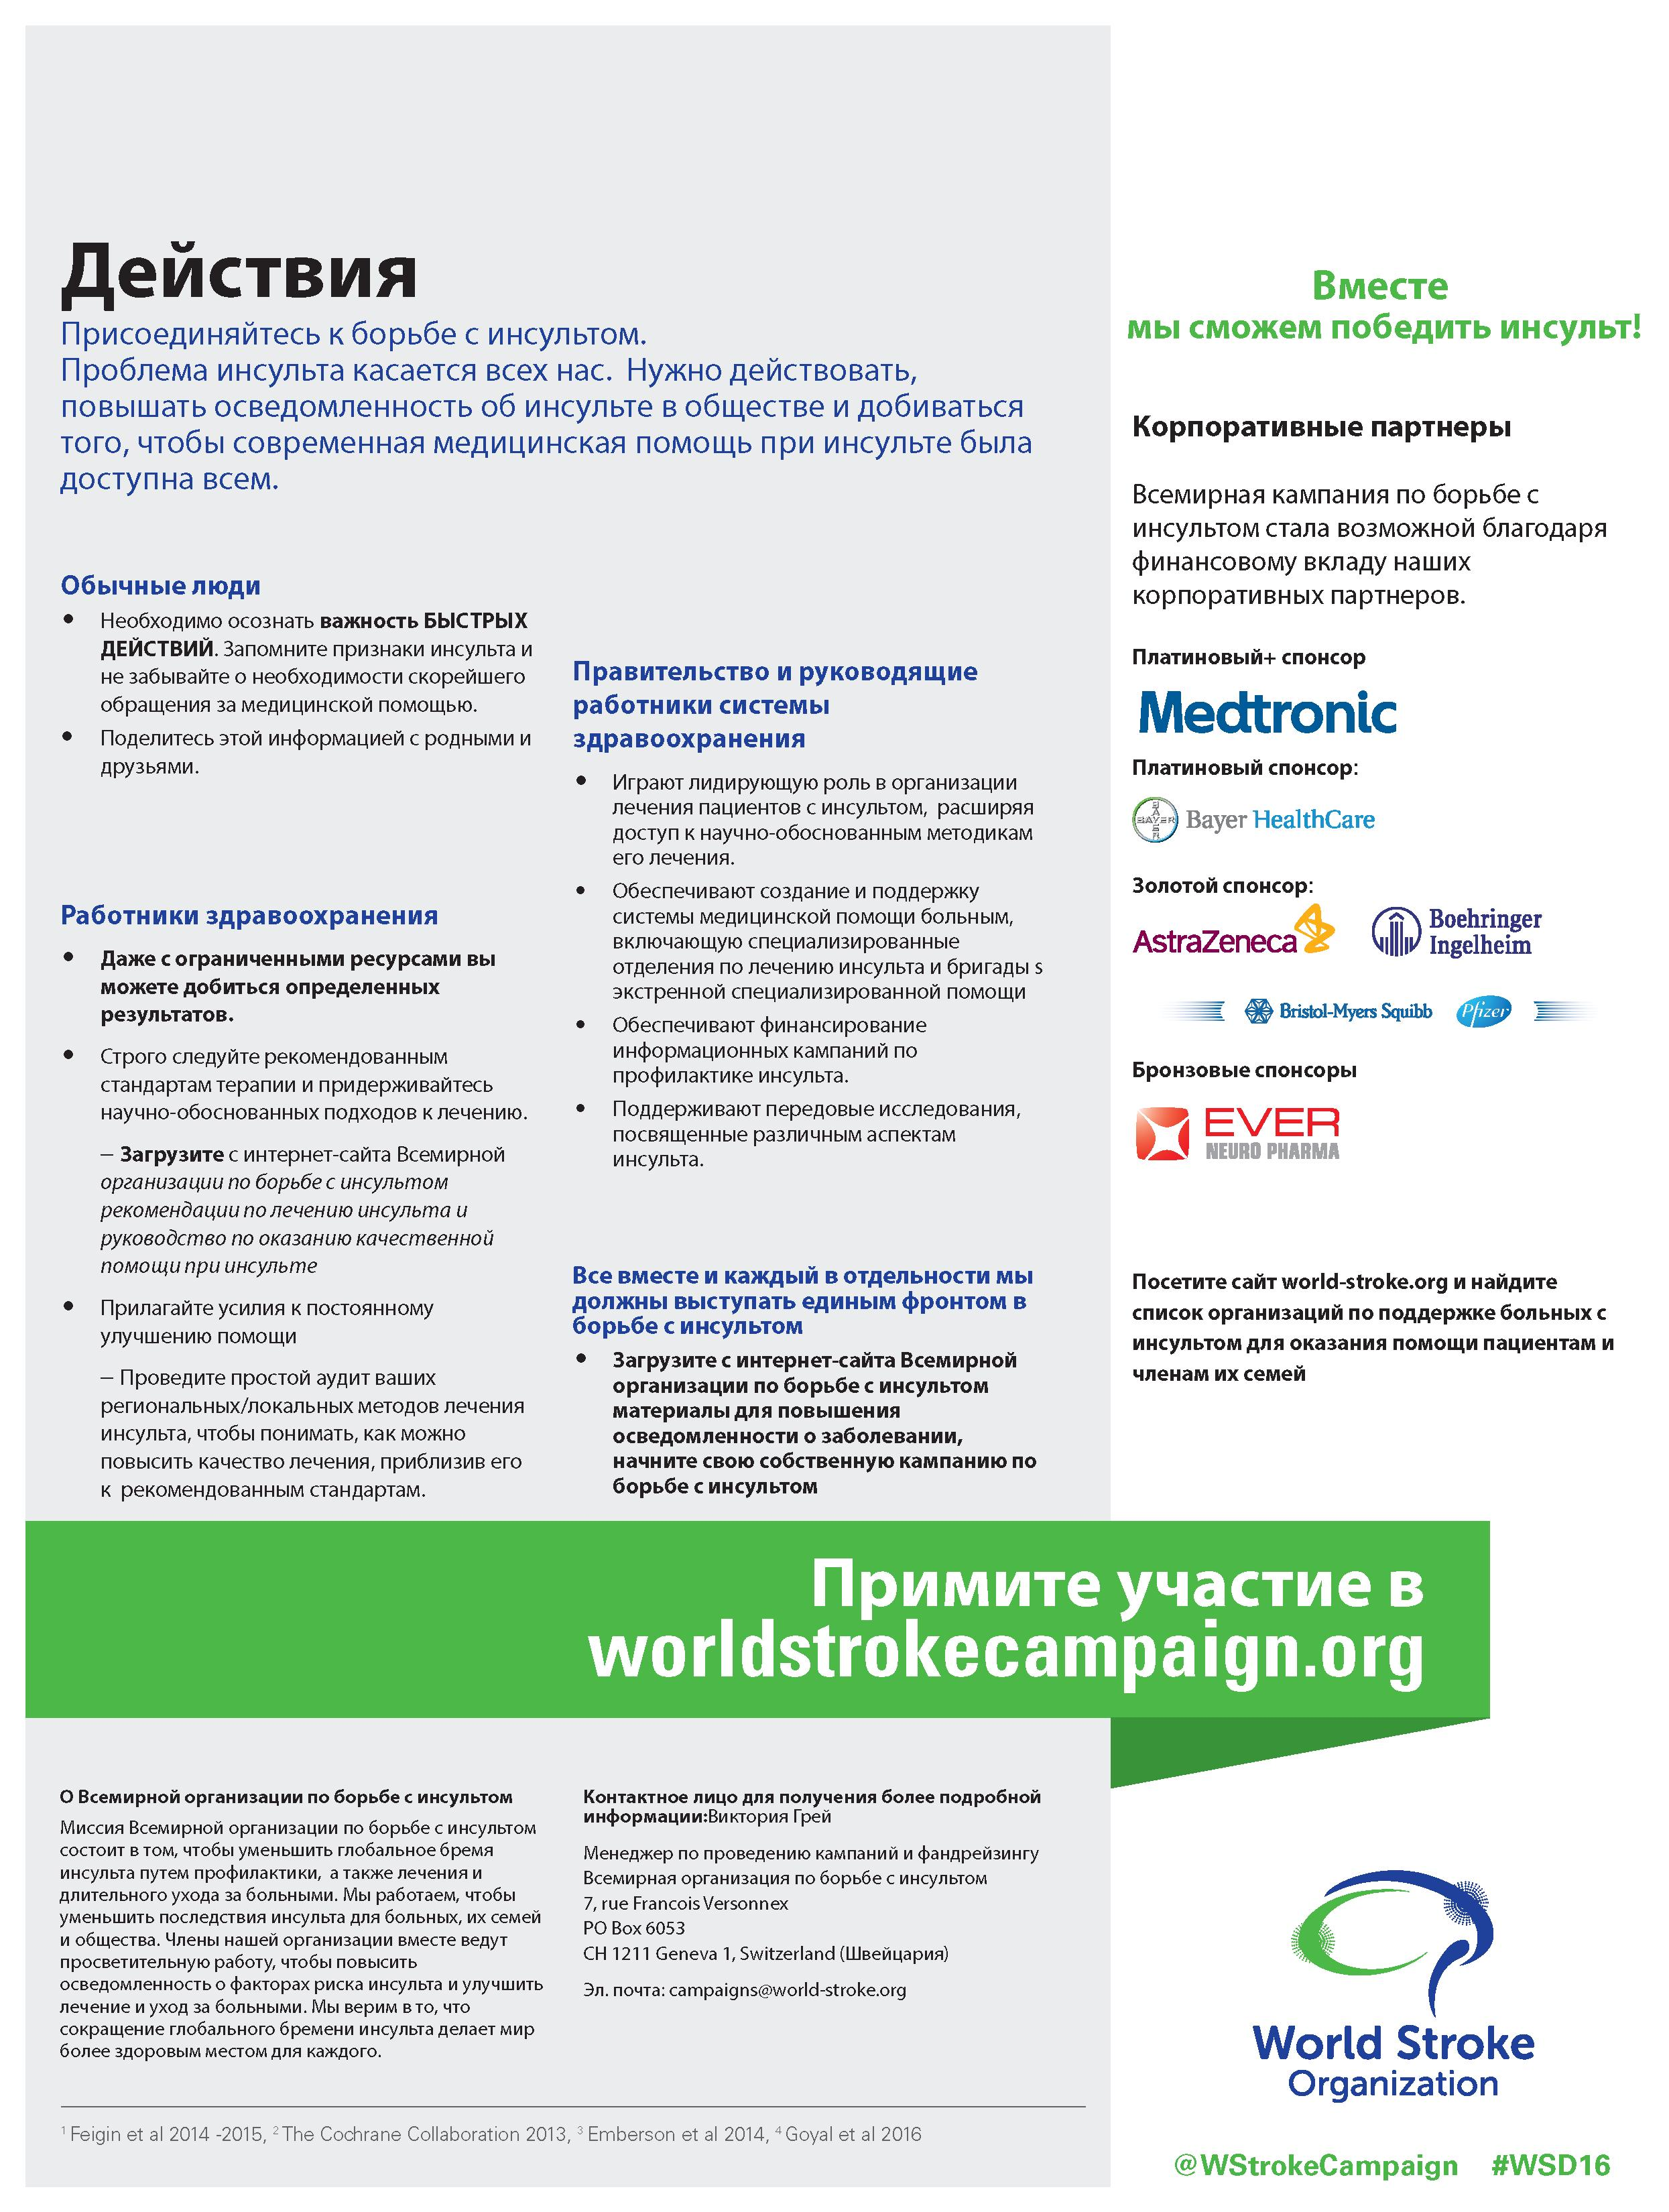 russian-world-stroke-day-2016-brochure-0004